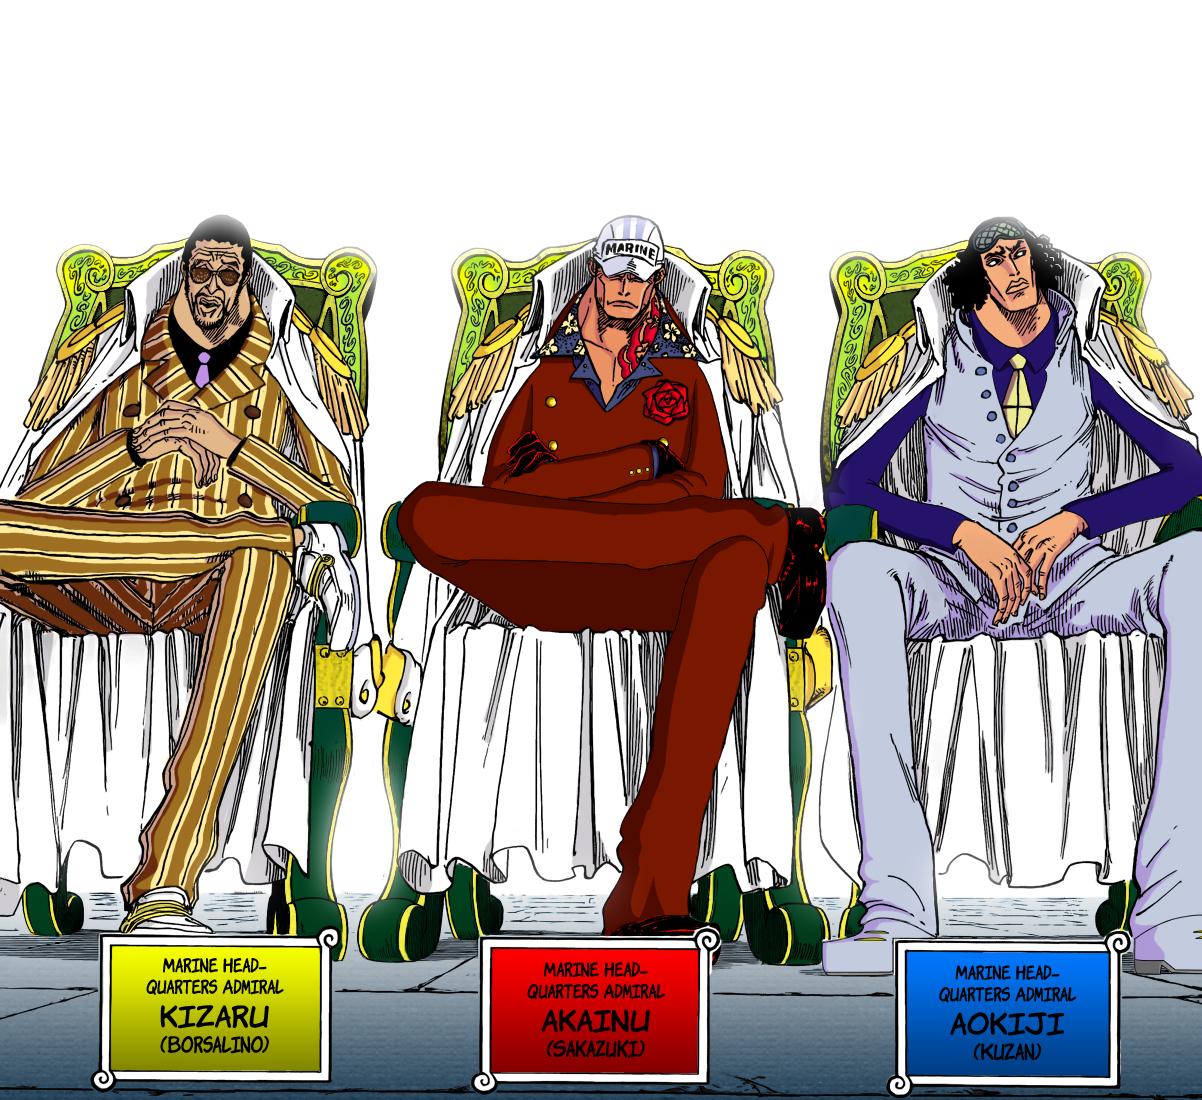 Sakazuki (ONE PIECE)   page 3 of 3 - Zerochan Anime Image Board